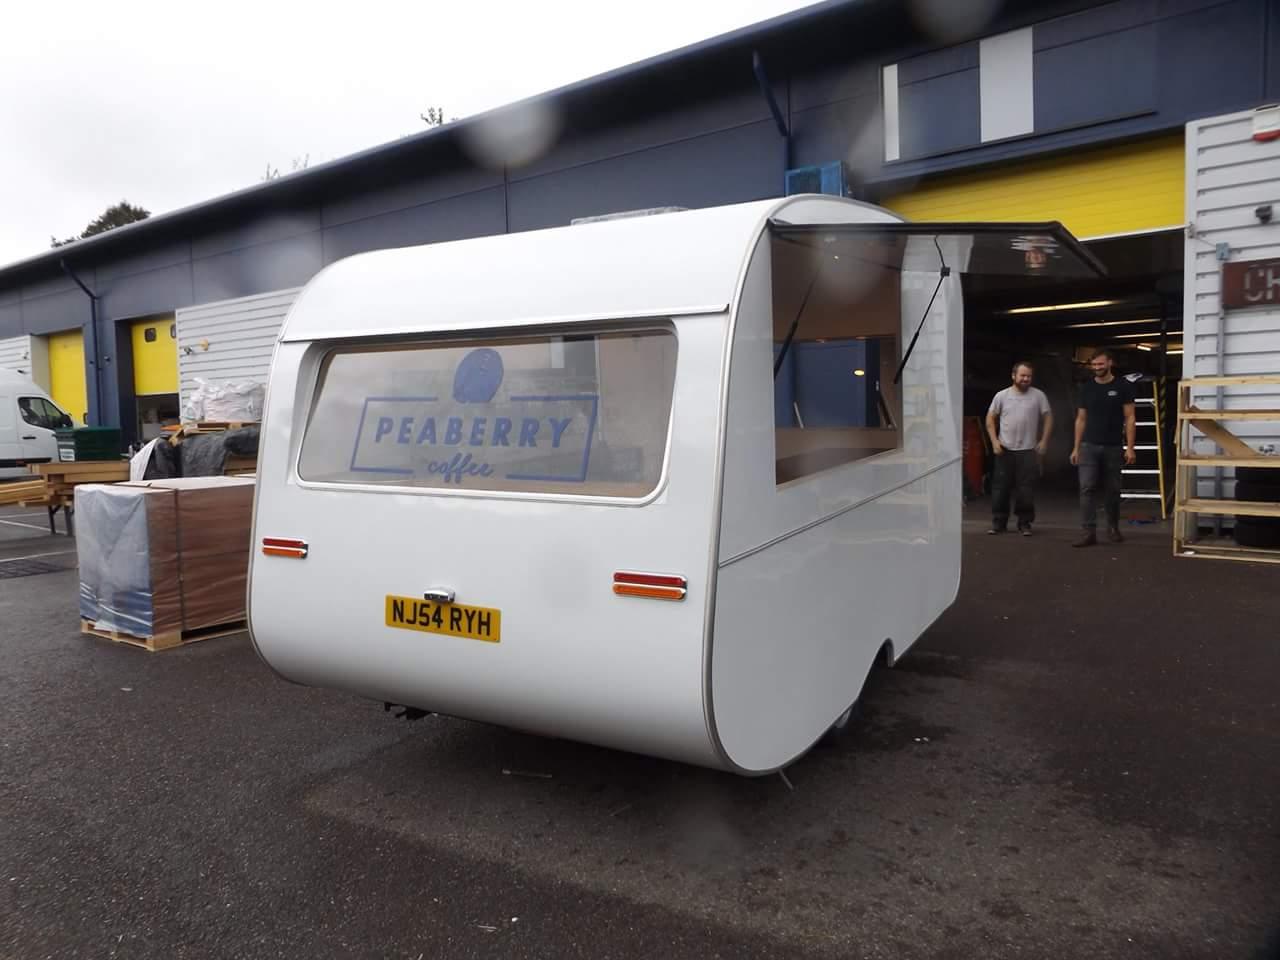 coffee shop caravan